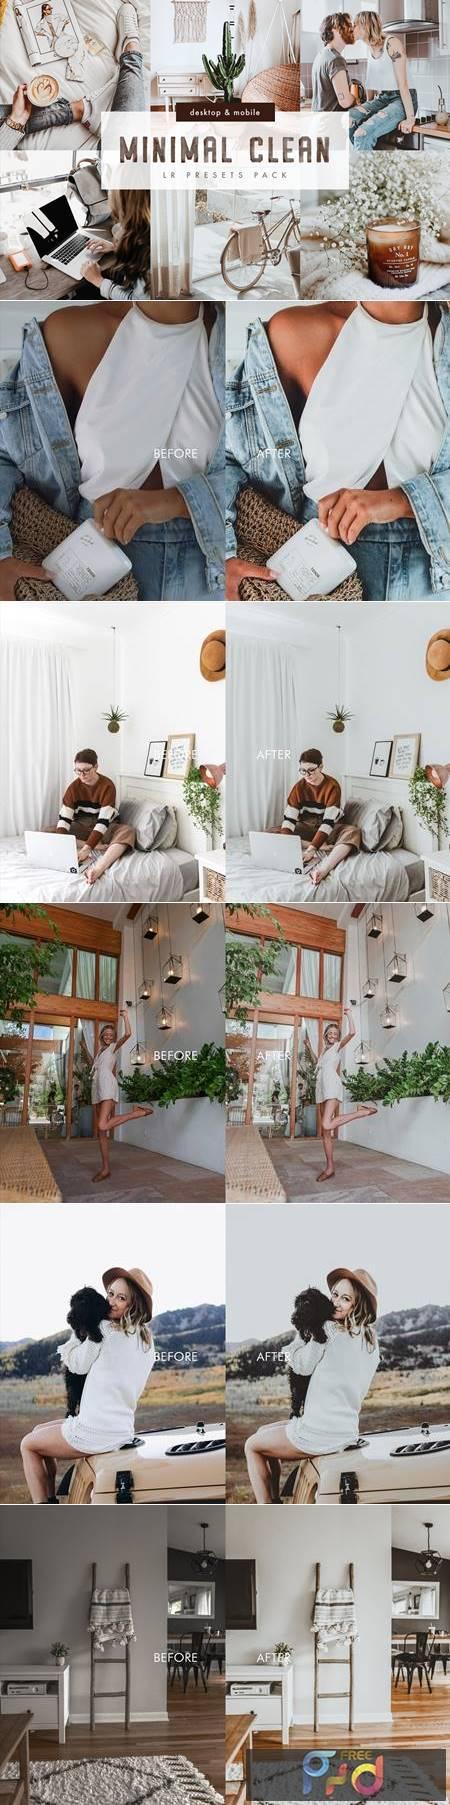 Minimal Clean Lightroom Presets Pack 6018691 1